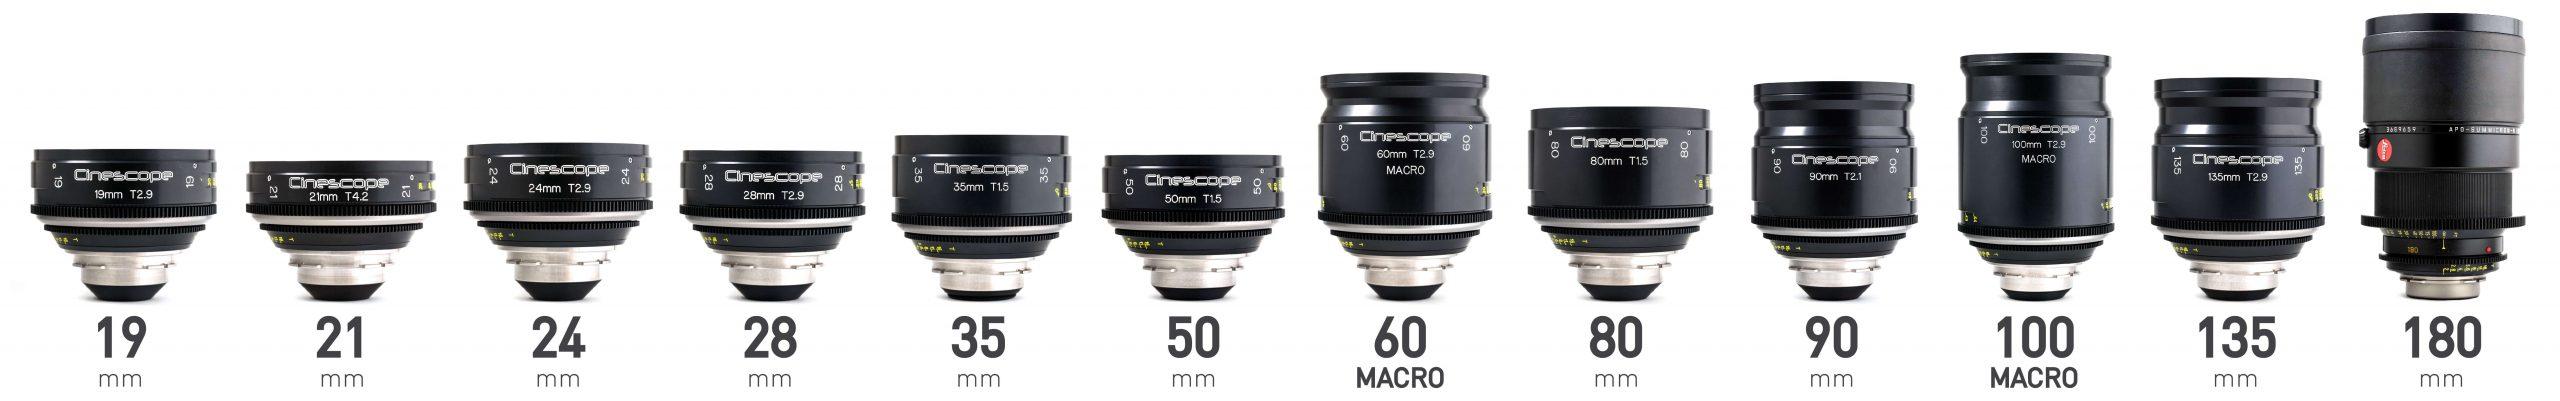 Leica R TLS Cinescope full frame lenses